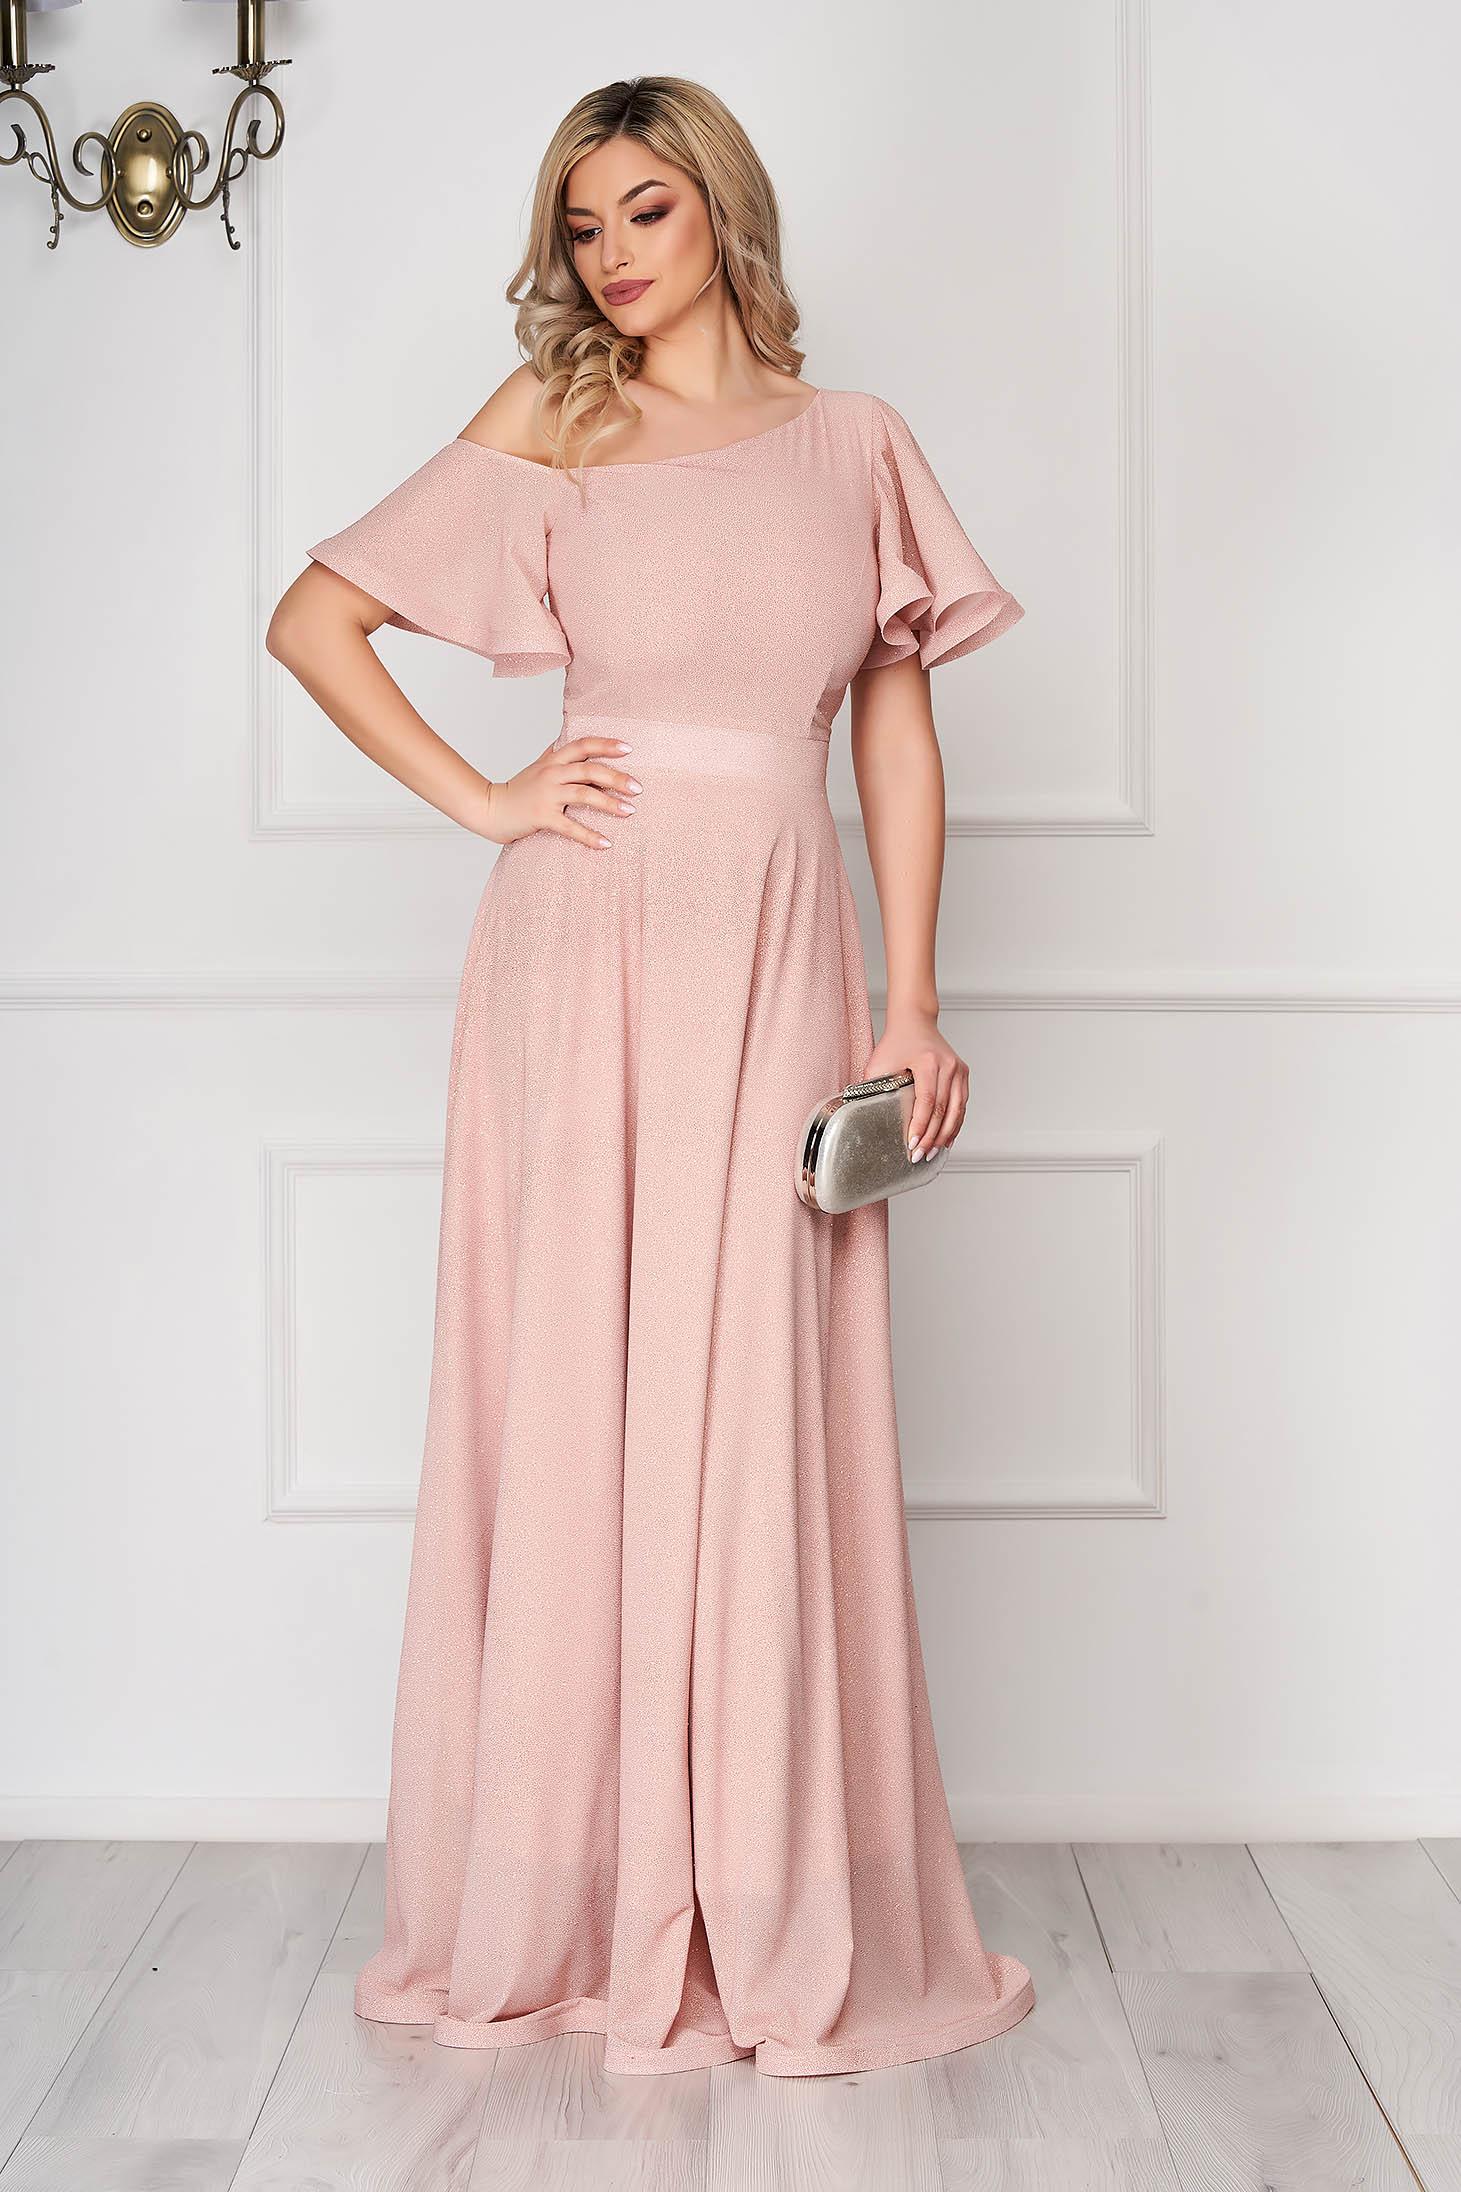 Rochie StarShinerS roz prafuit lunga de ocazie in clos din voal cu sclipici pe umar cu rijelina